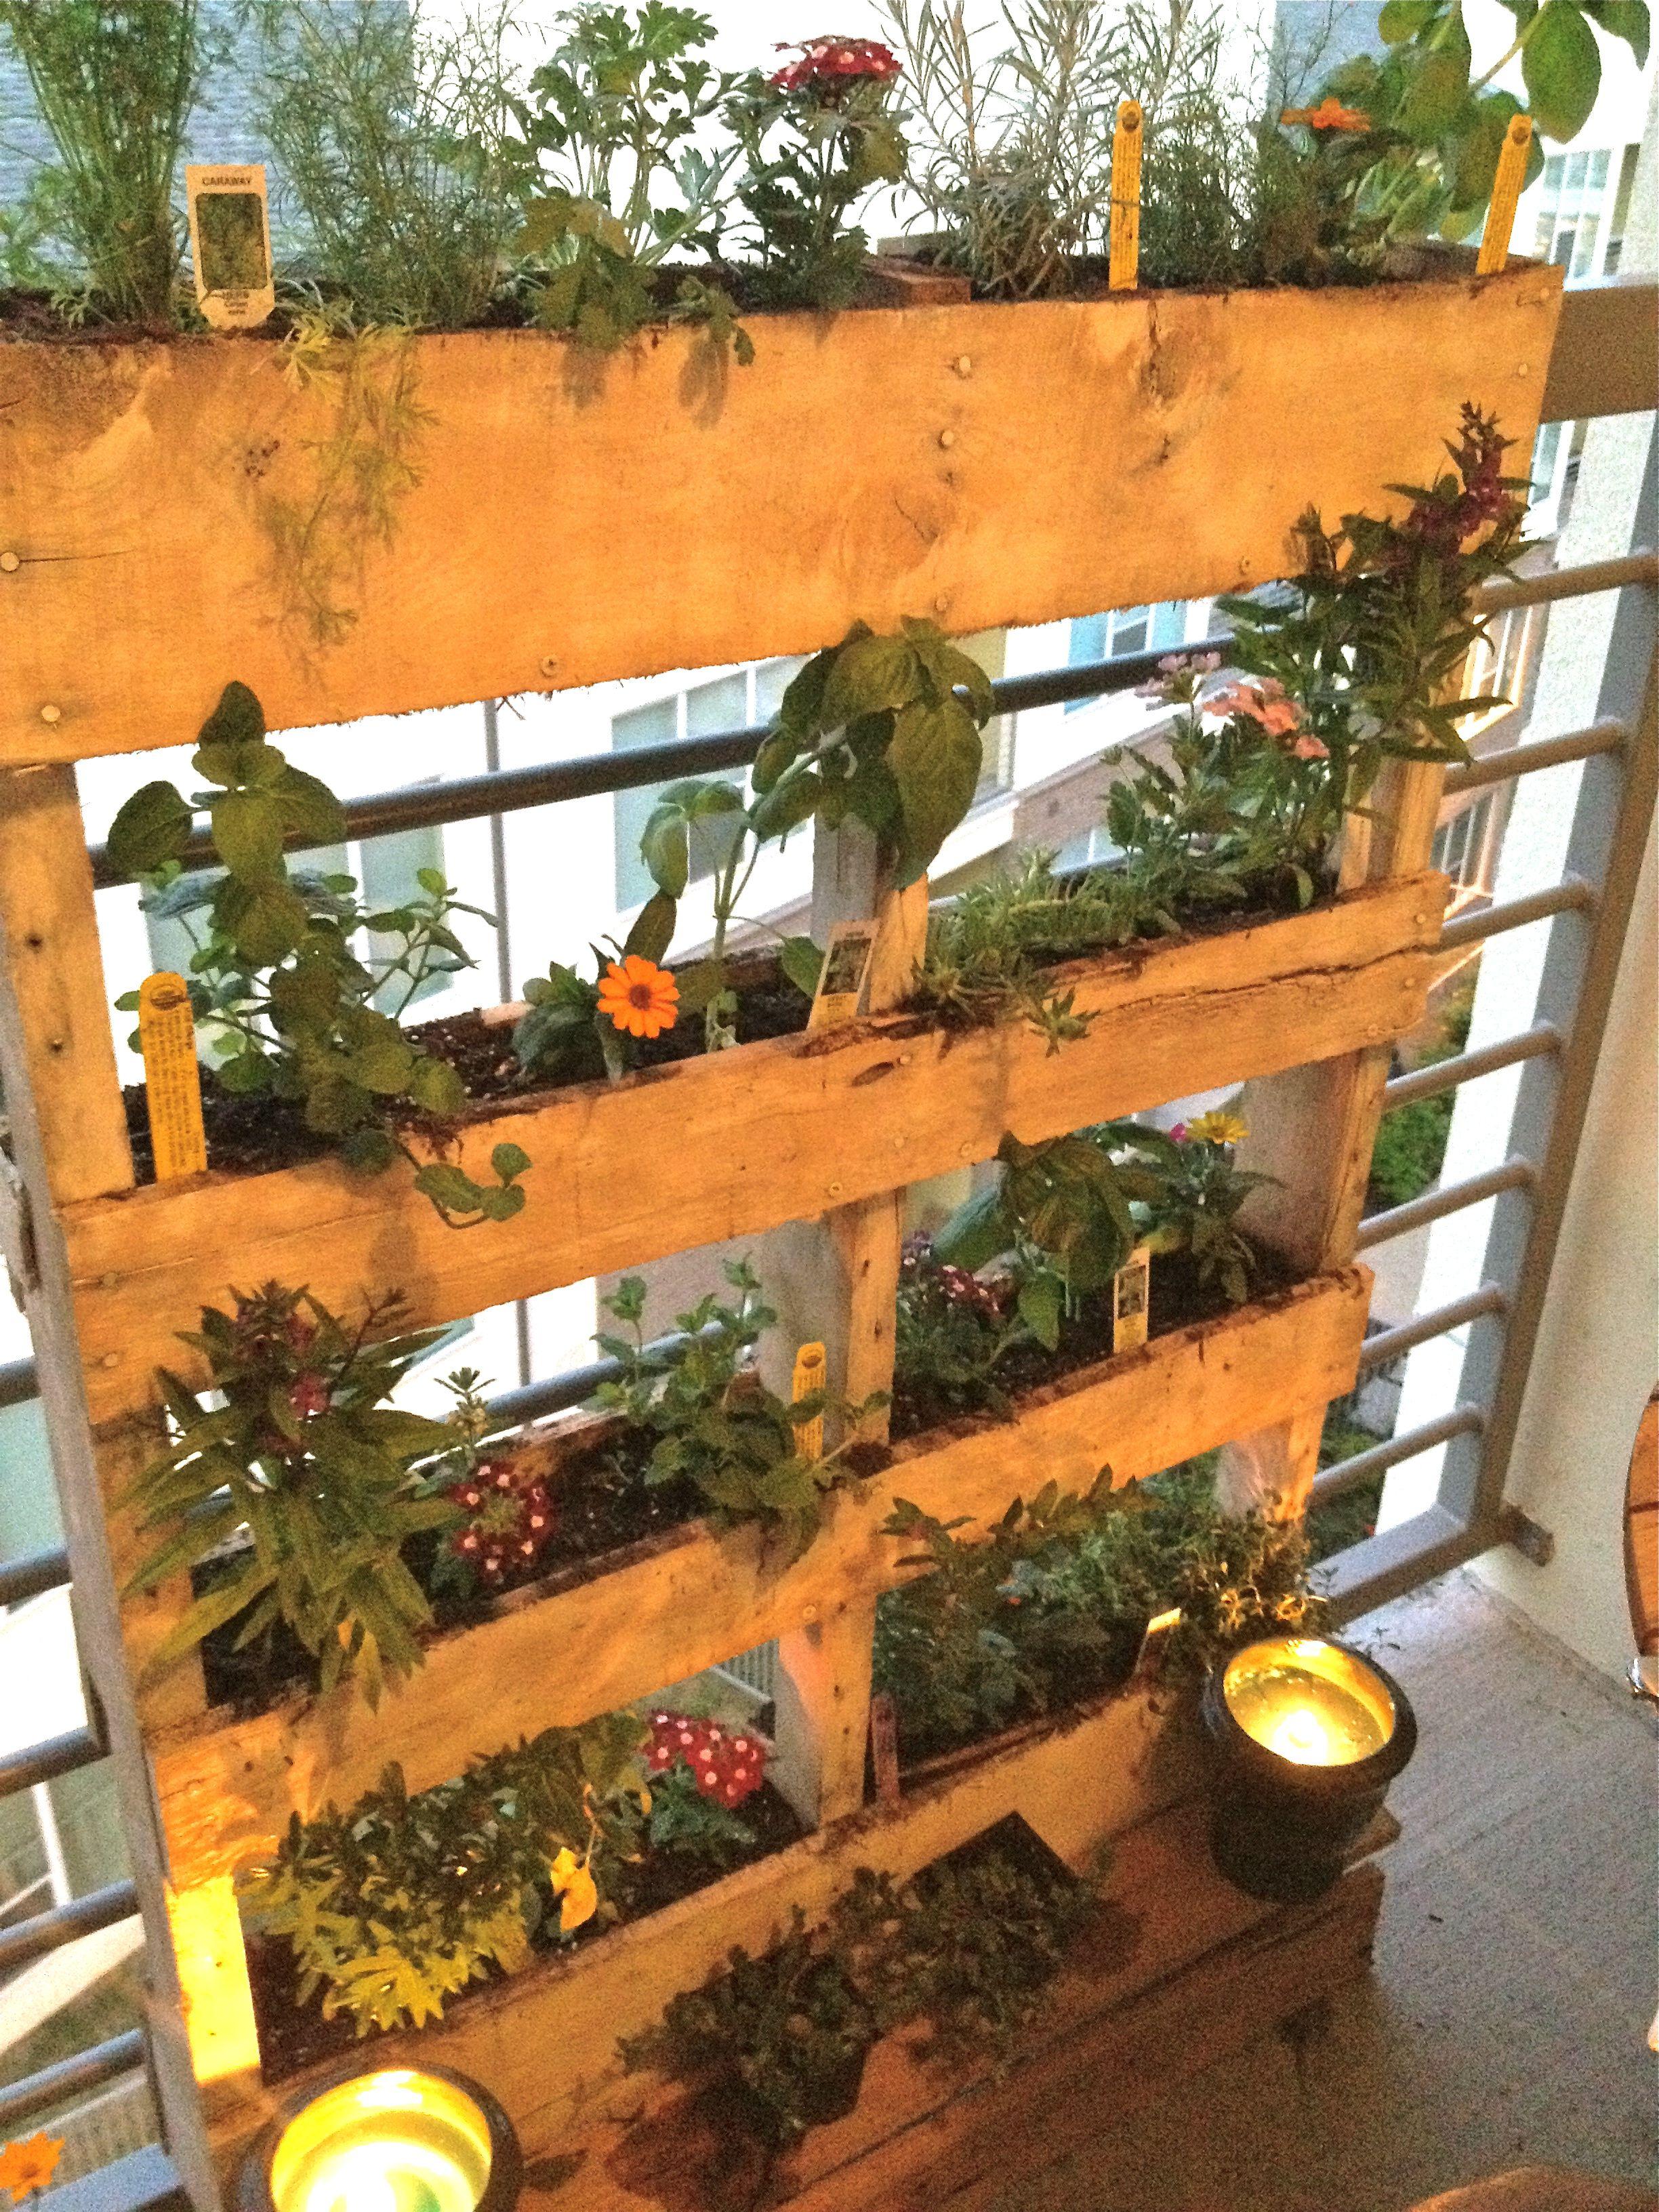 DIY pallet herb garden | fun | Pinterest | Pallet herb gardens ...